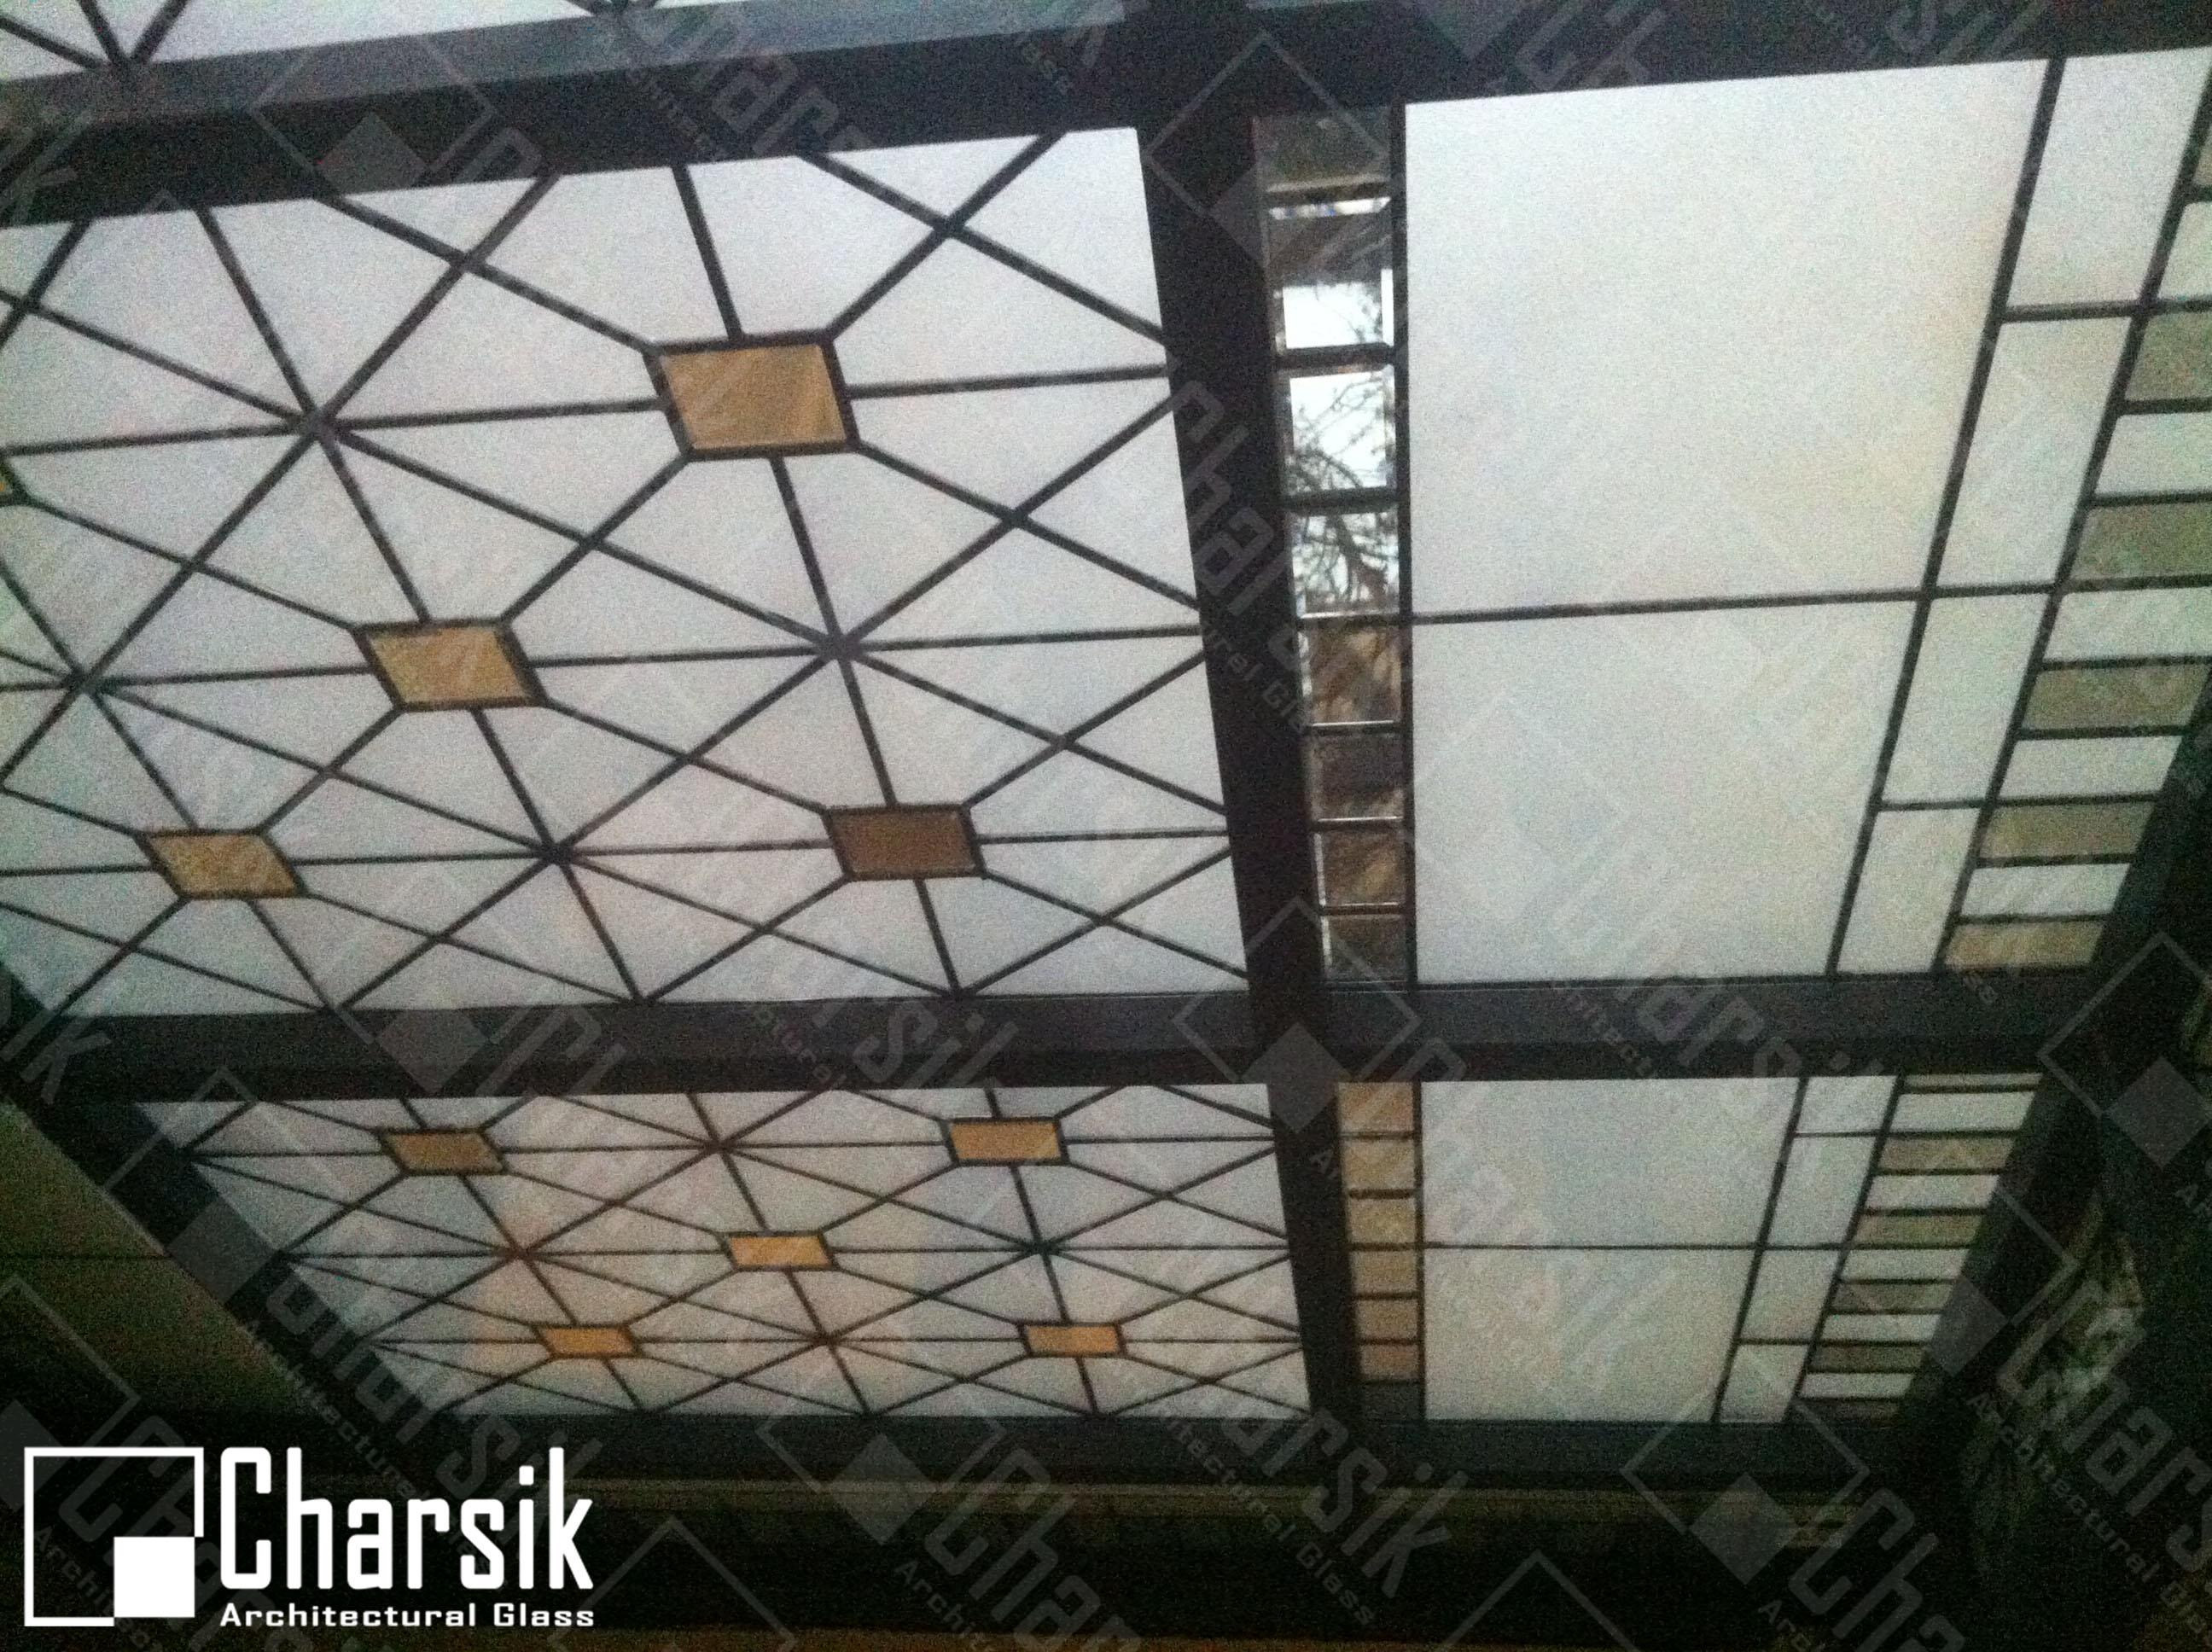 سقف شیشه ای استین گلس چارسیک